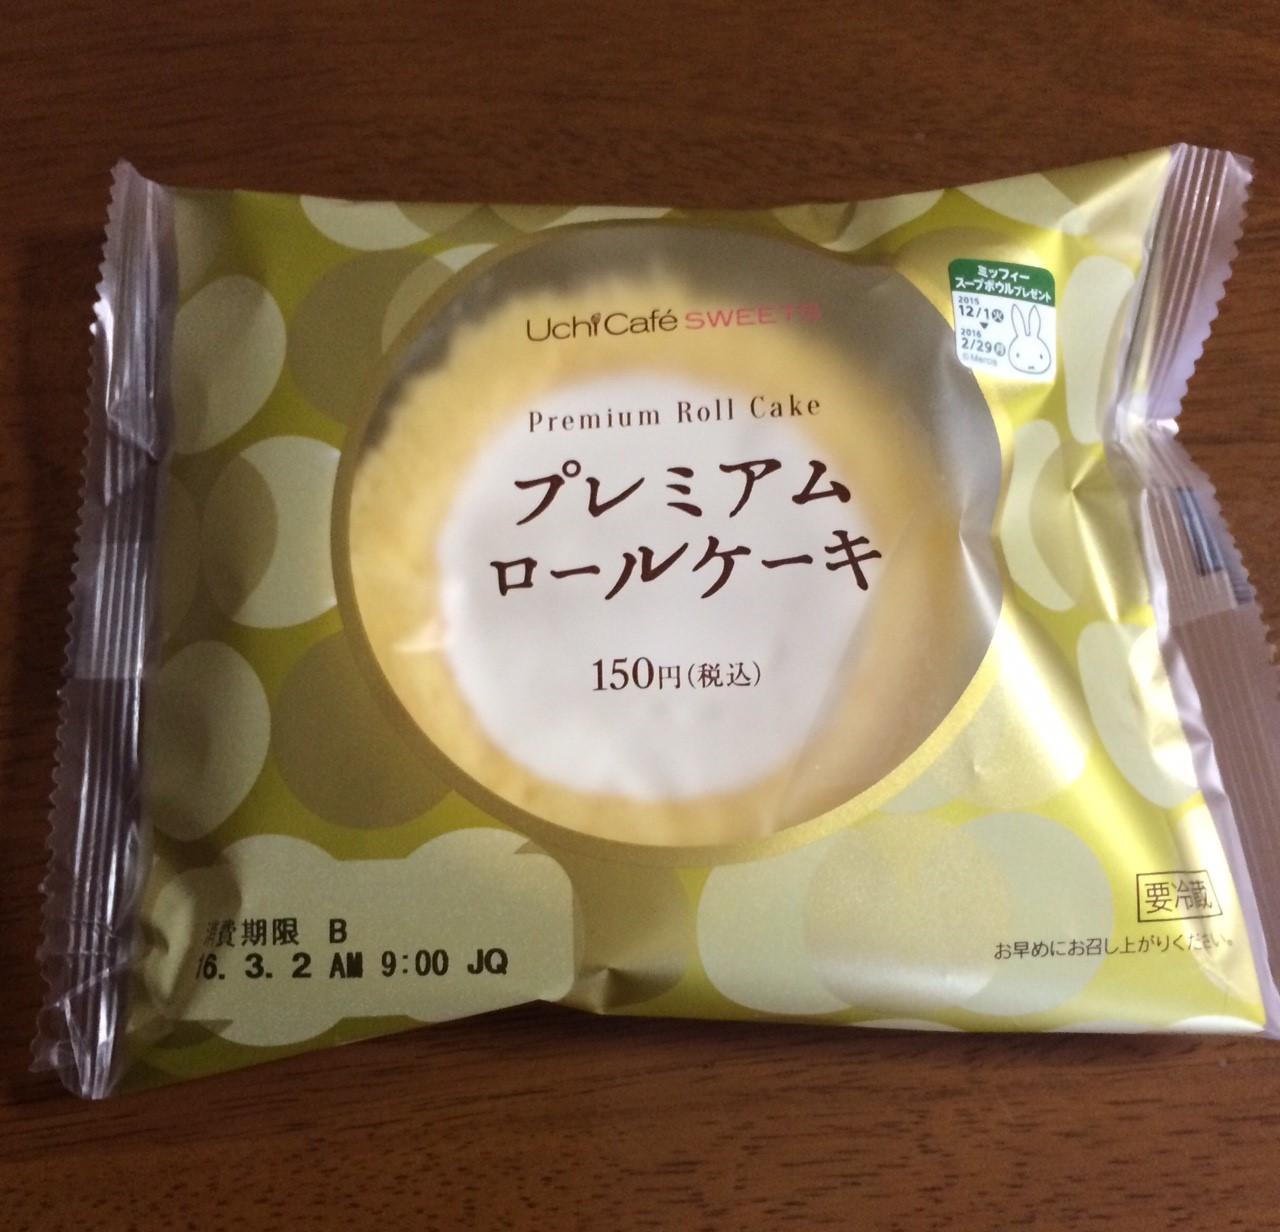 プレミアムロールケーキ(ローソン ウチカフェ)を食べてみた